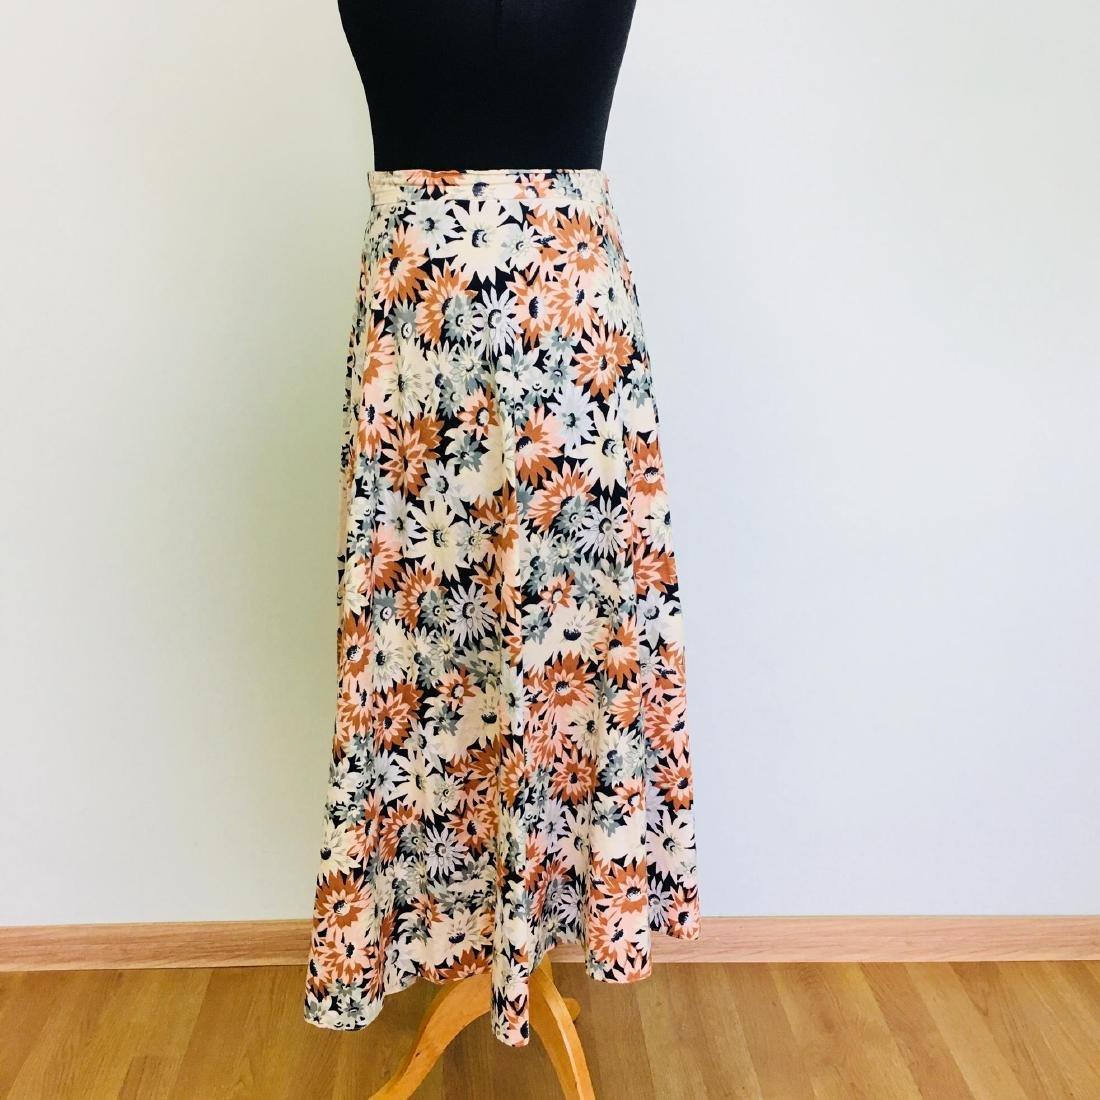 Vintage Women's Summer Skirt - 4